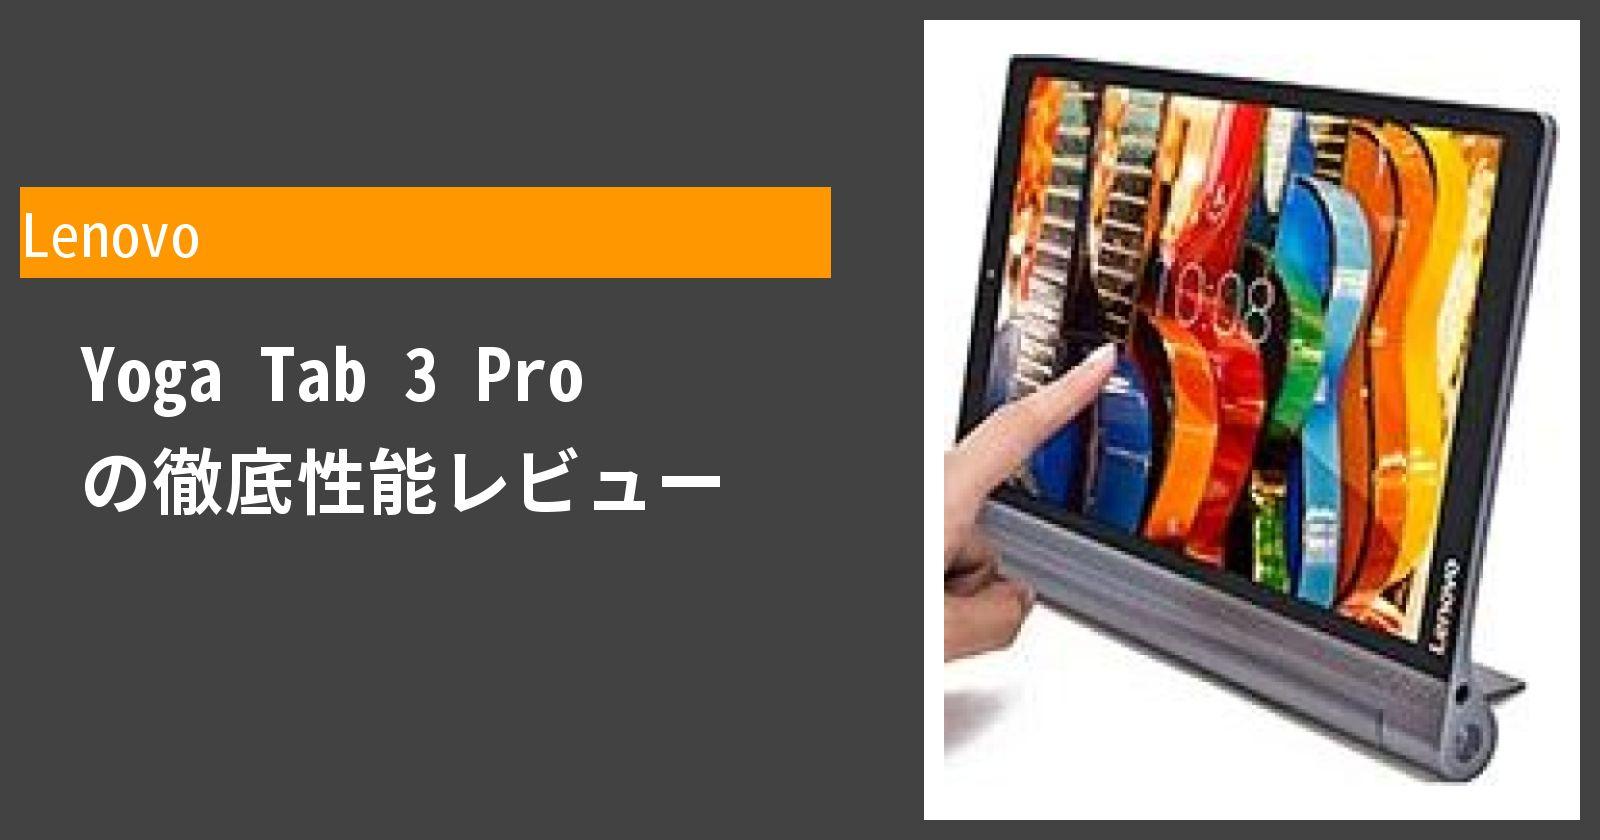 Lenovo Yoga Tab 3 Pro の徹底性能レビュー